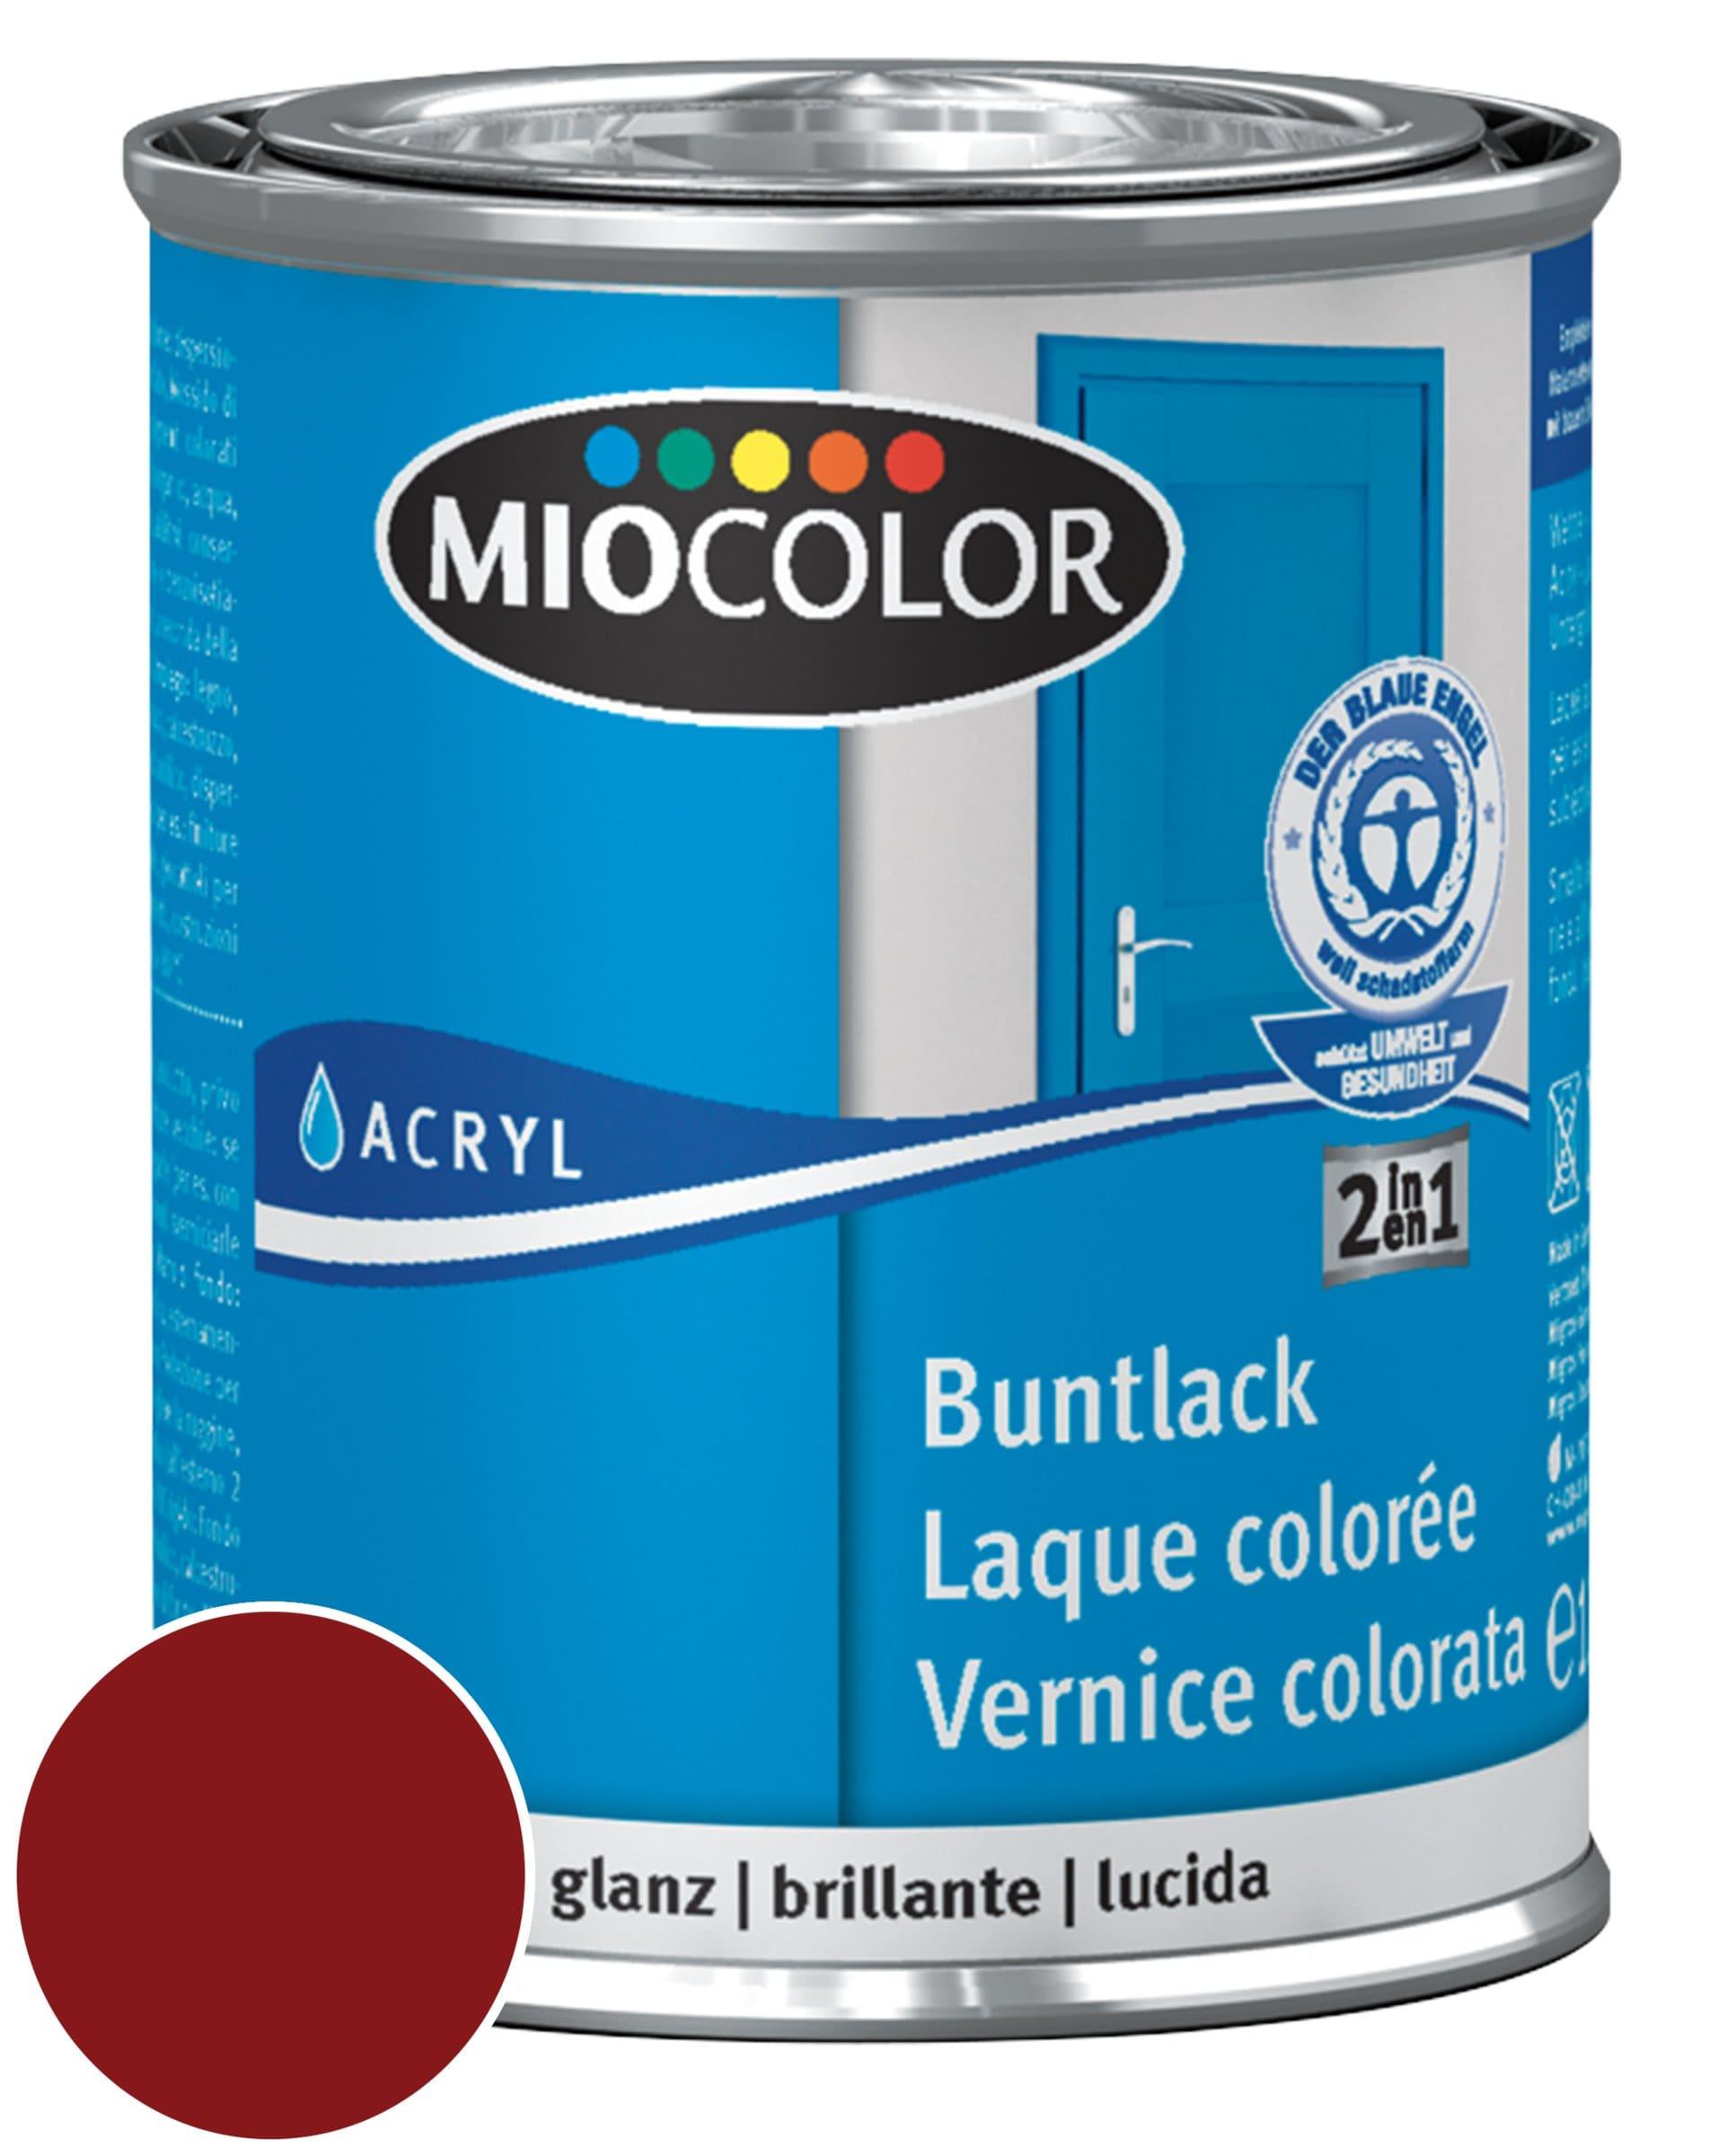 Miocolor Acryl Vernice colorata lucida Rosso vino 125 ml